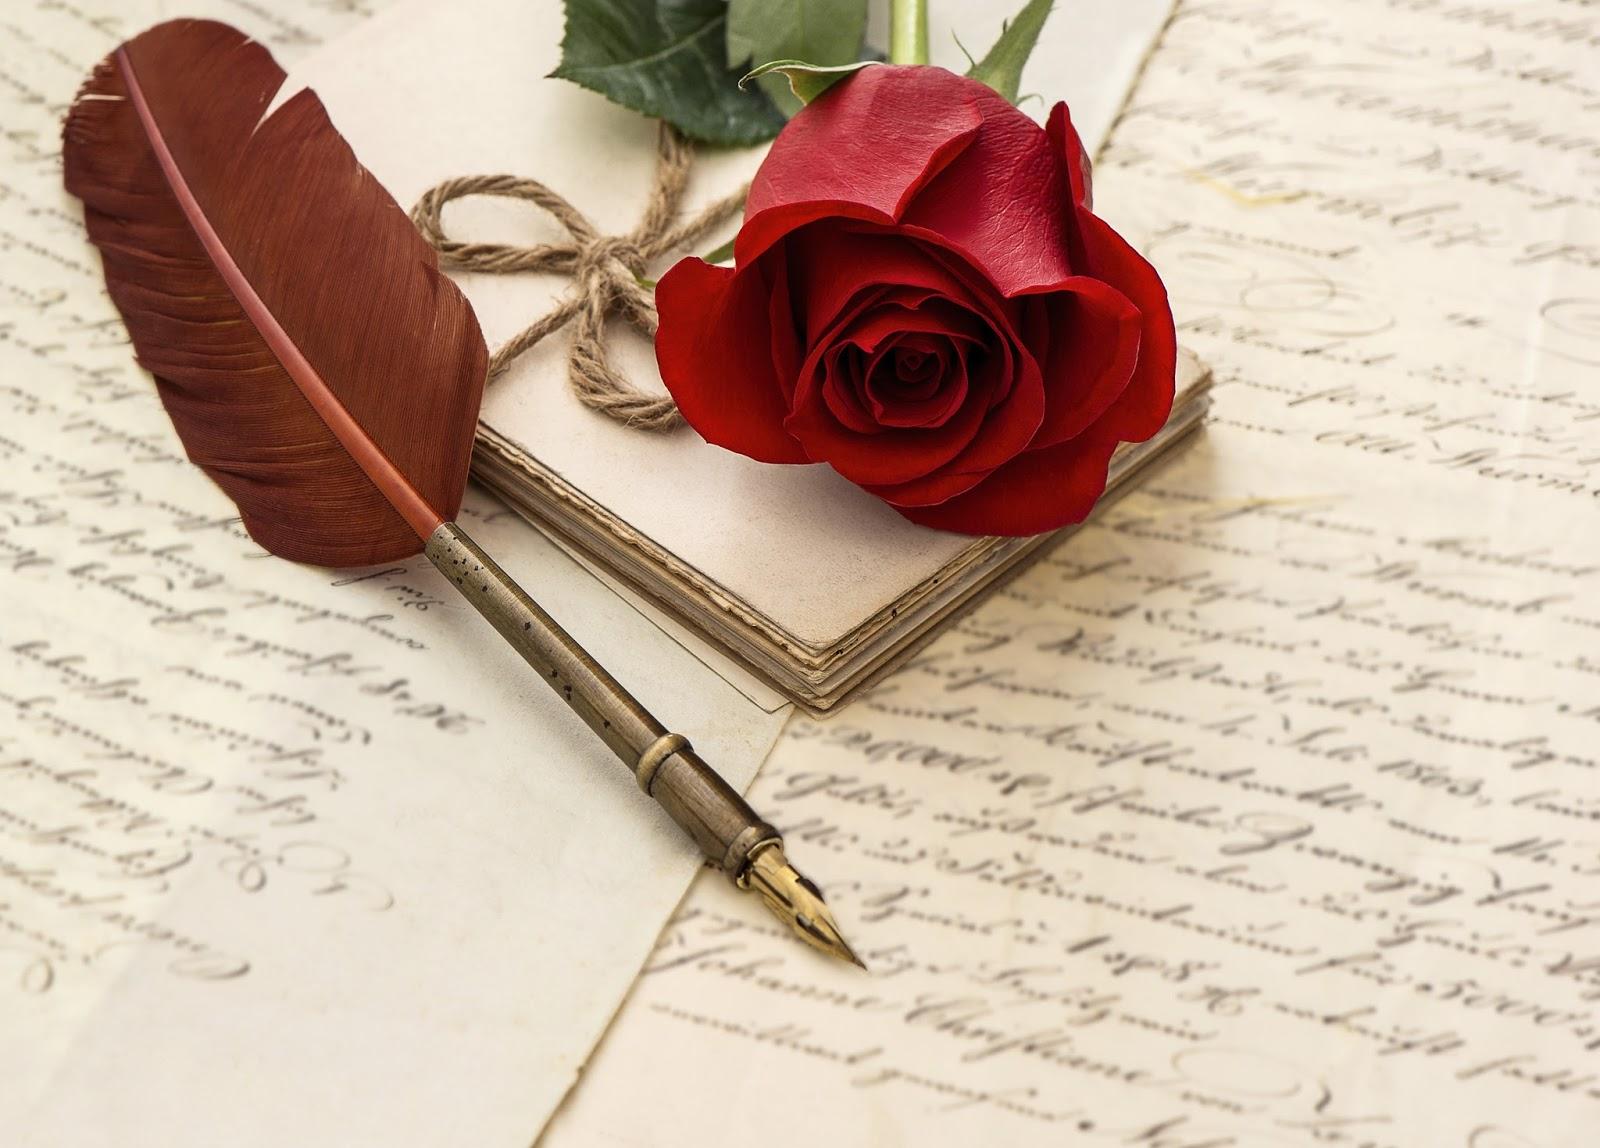 Scrisoarea de dragoste a unui bărbat către soția lui, care a realizat ca cele mai marunte lucruri sunt cele cu adevarat importante